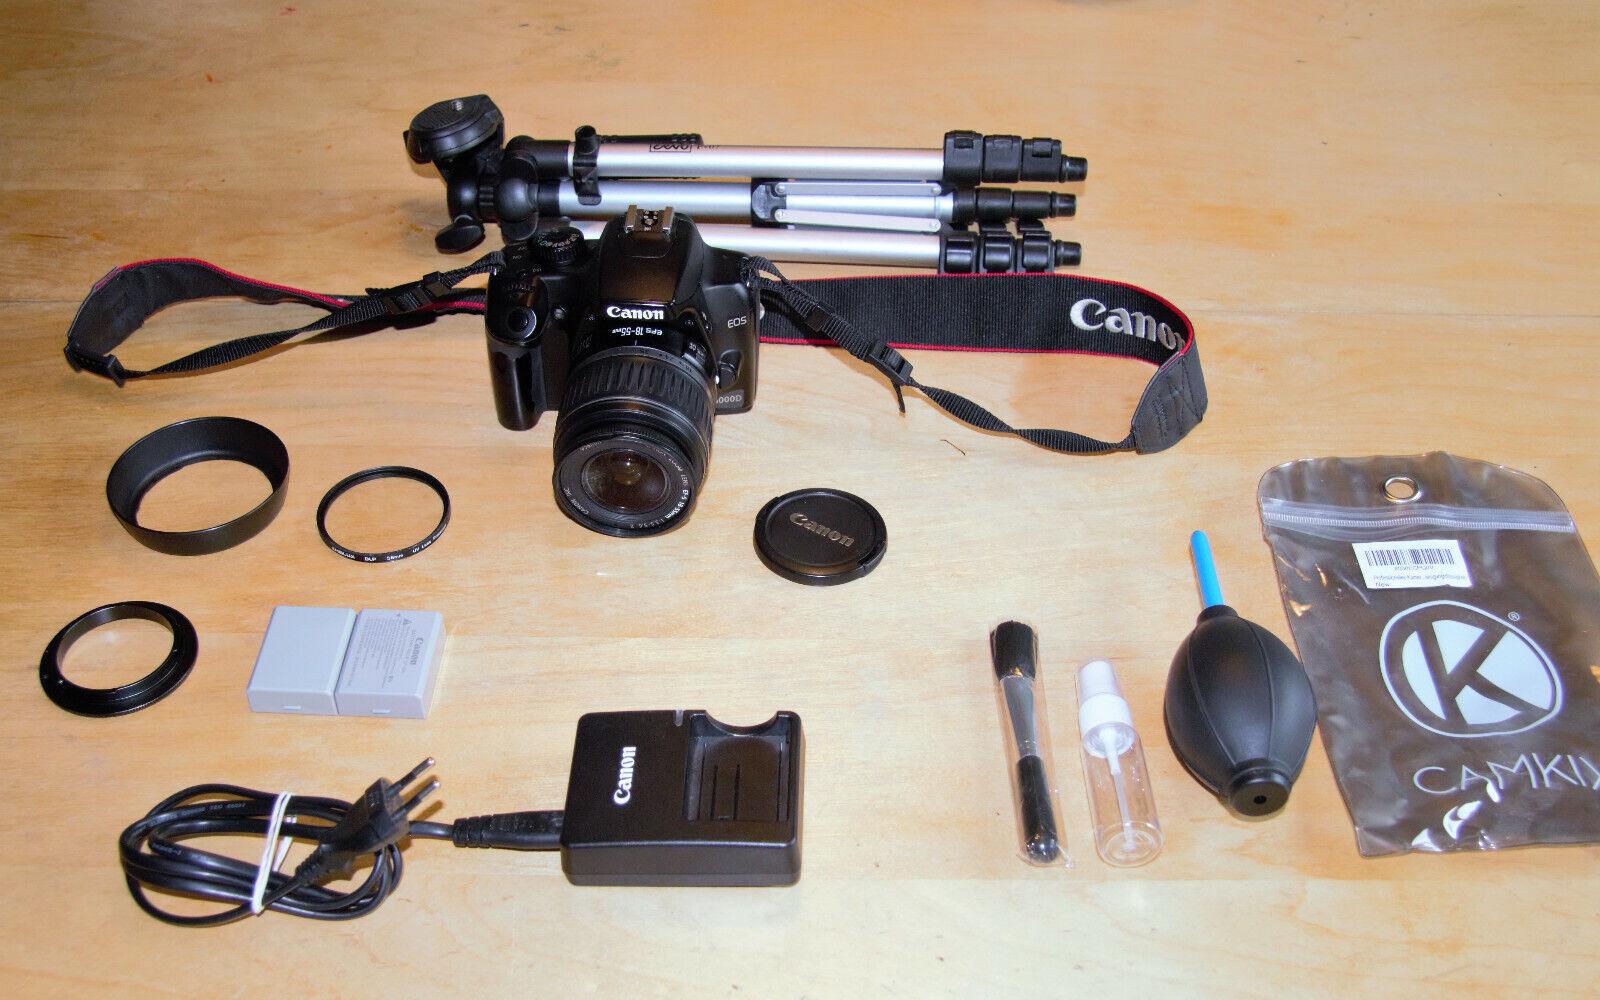 CANON EOS 1000D Spiegelreflexkamera Kamera Spiegelreflex Digital Fotokamera